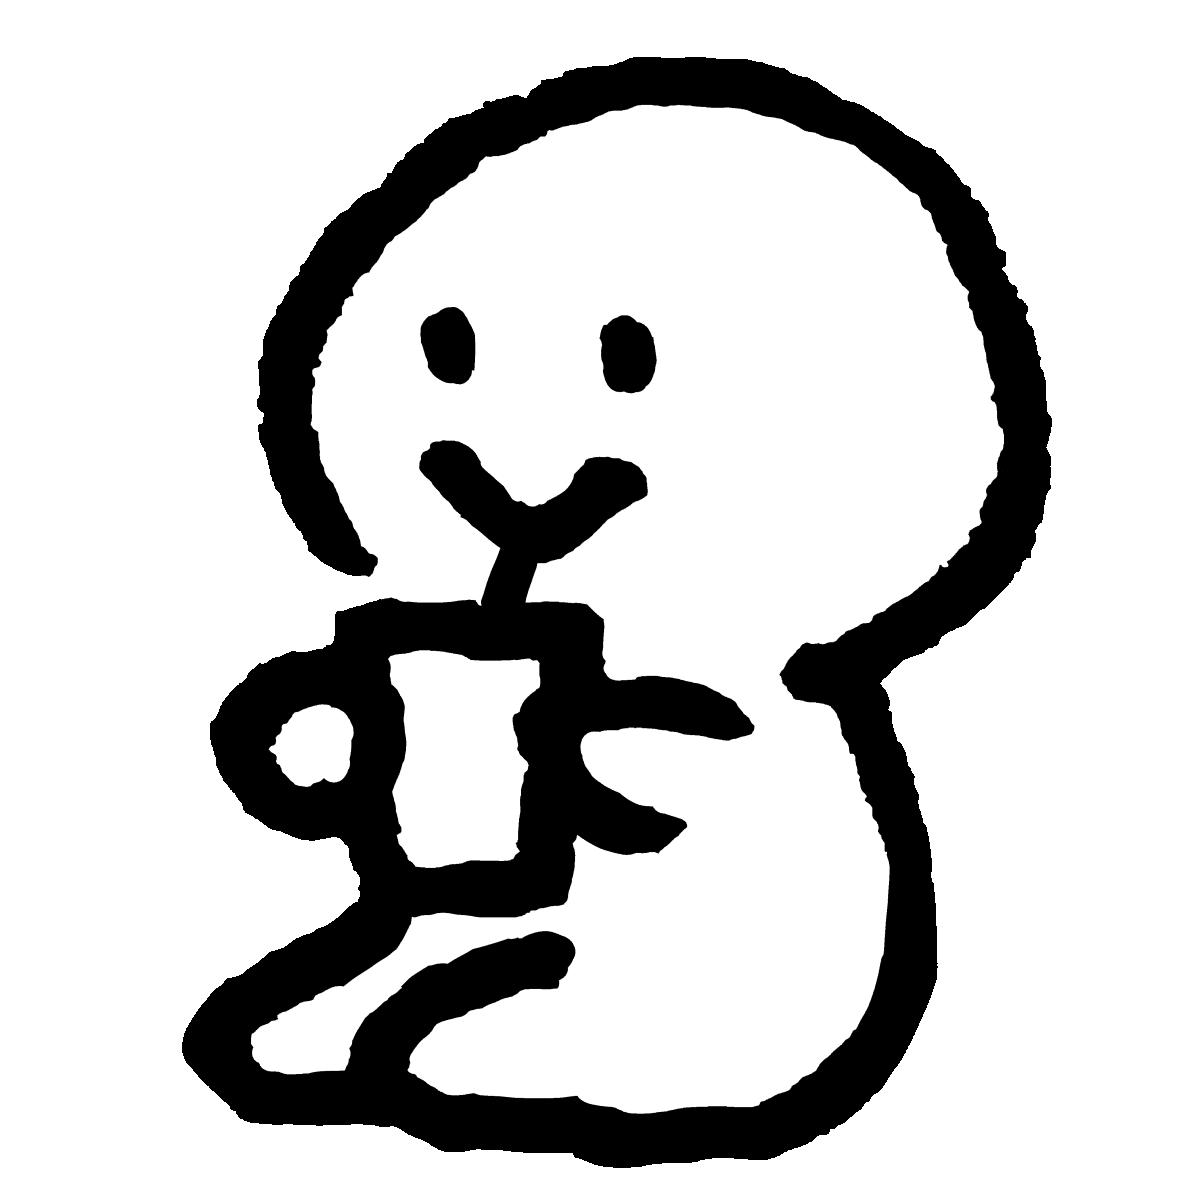 座ってストローでドリンクを飲むのイラスト / Sit and have a drink with a straw Illustration